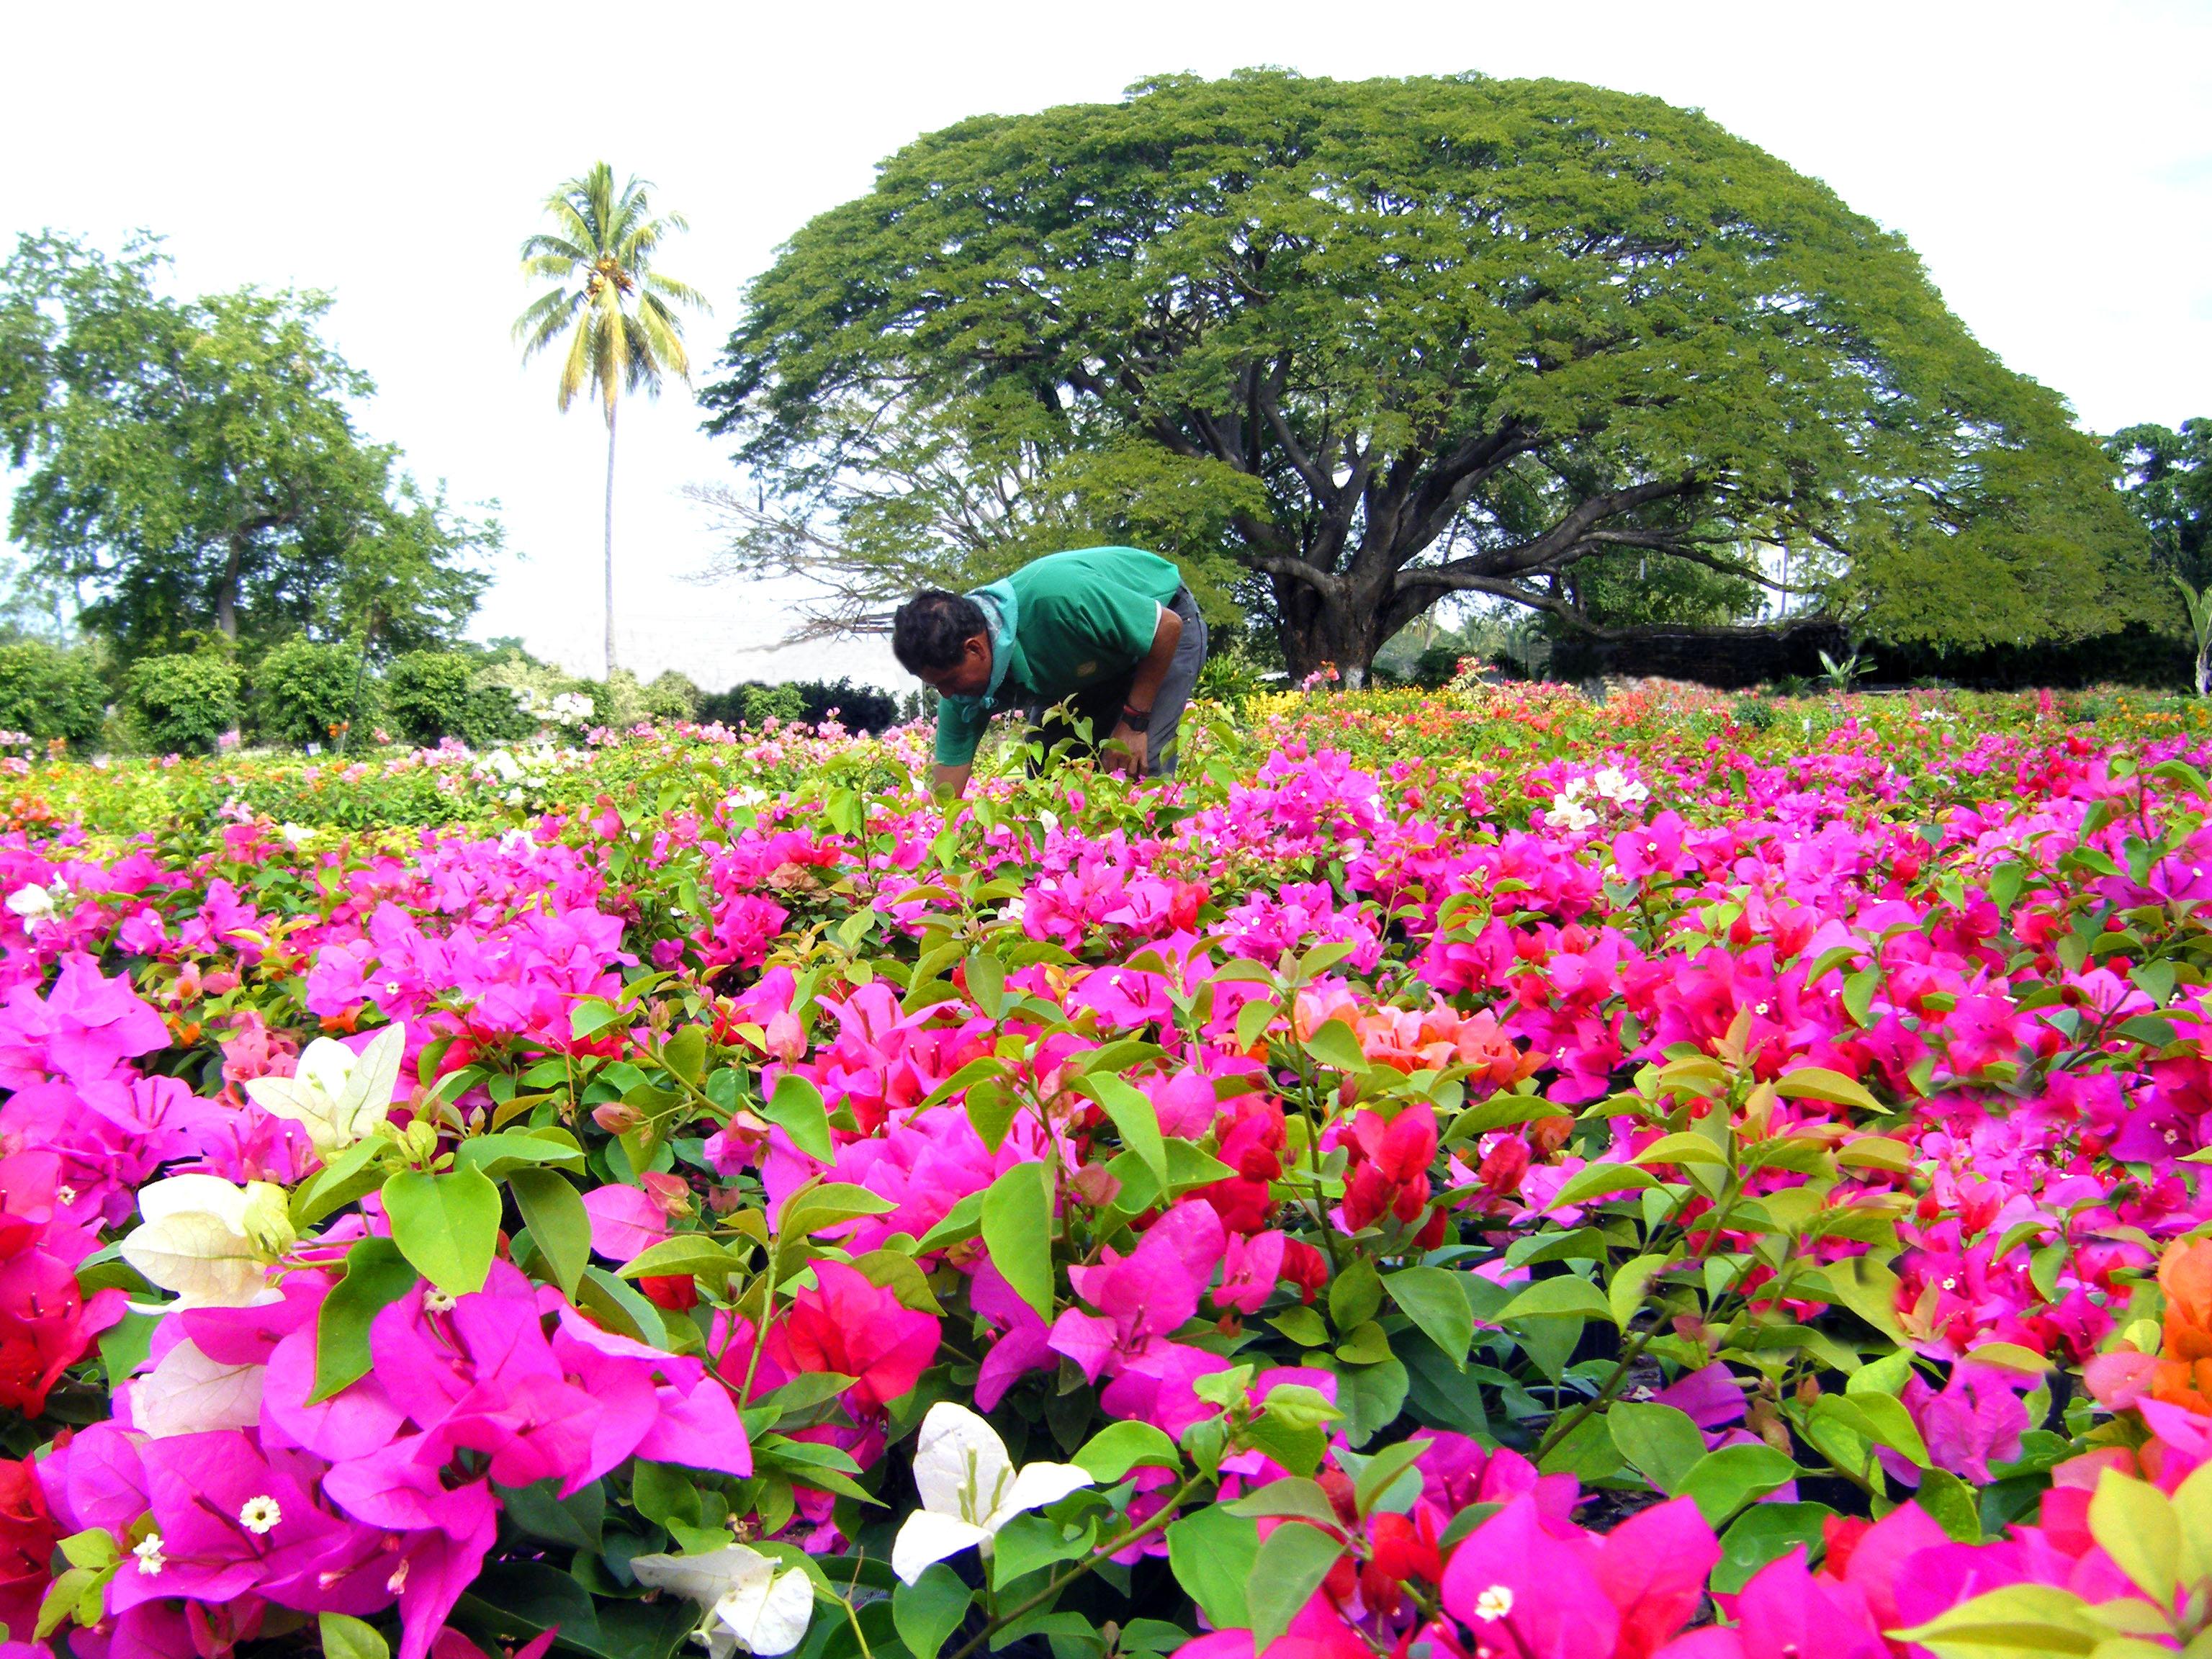 Follajes tropicales de colima spr de r l de c v colima for Viveros en colima